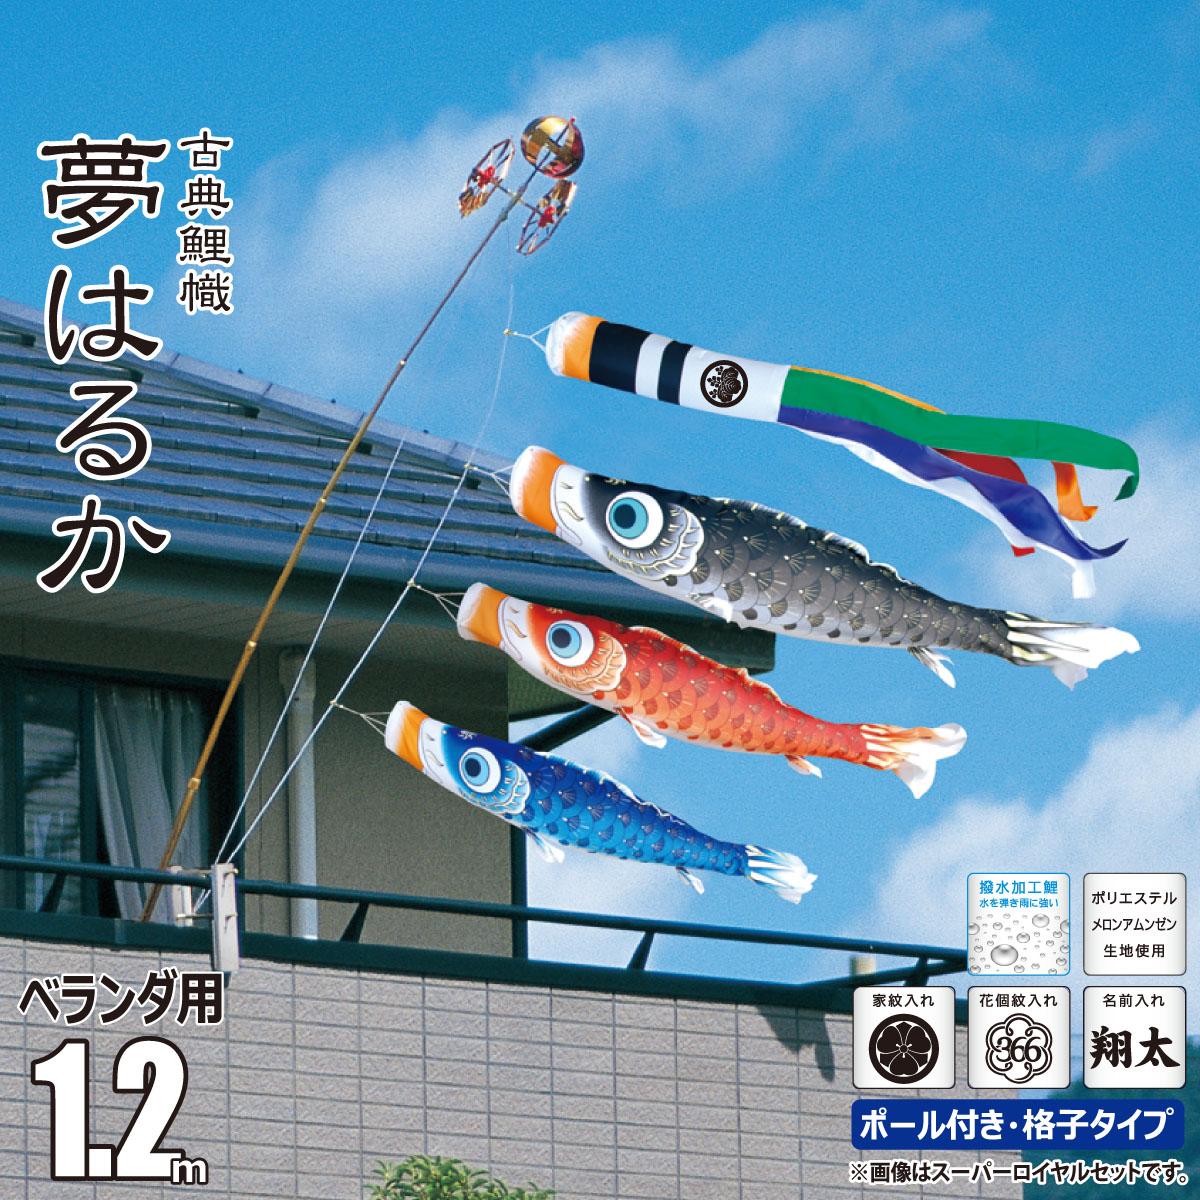 こいのぼり 1.2m 夢はるか (矢車、ロープ、吹流し、鯉3匹) ベランダ用 ロイヤルセット (ベランダ用 取付金具付き) 徳永鯉のぼり KIT-120-242